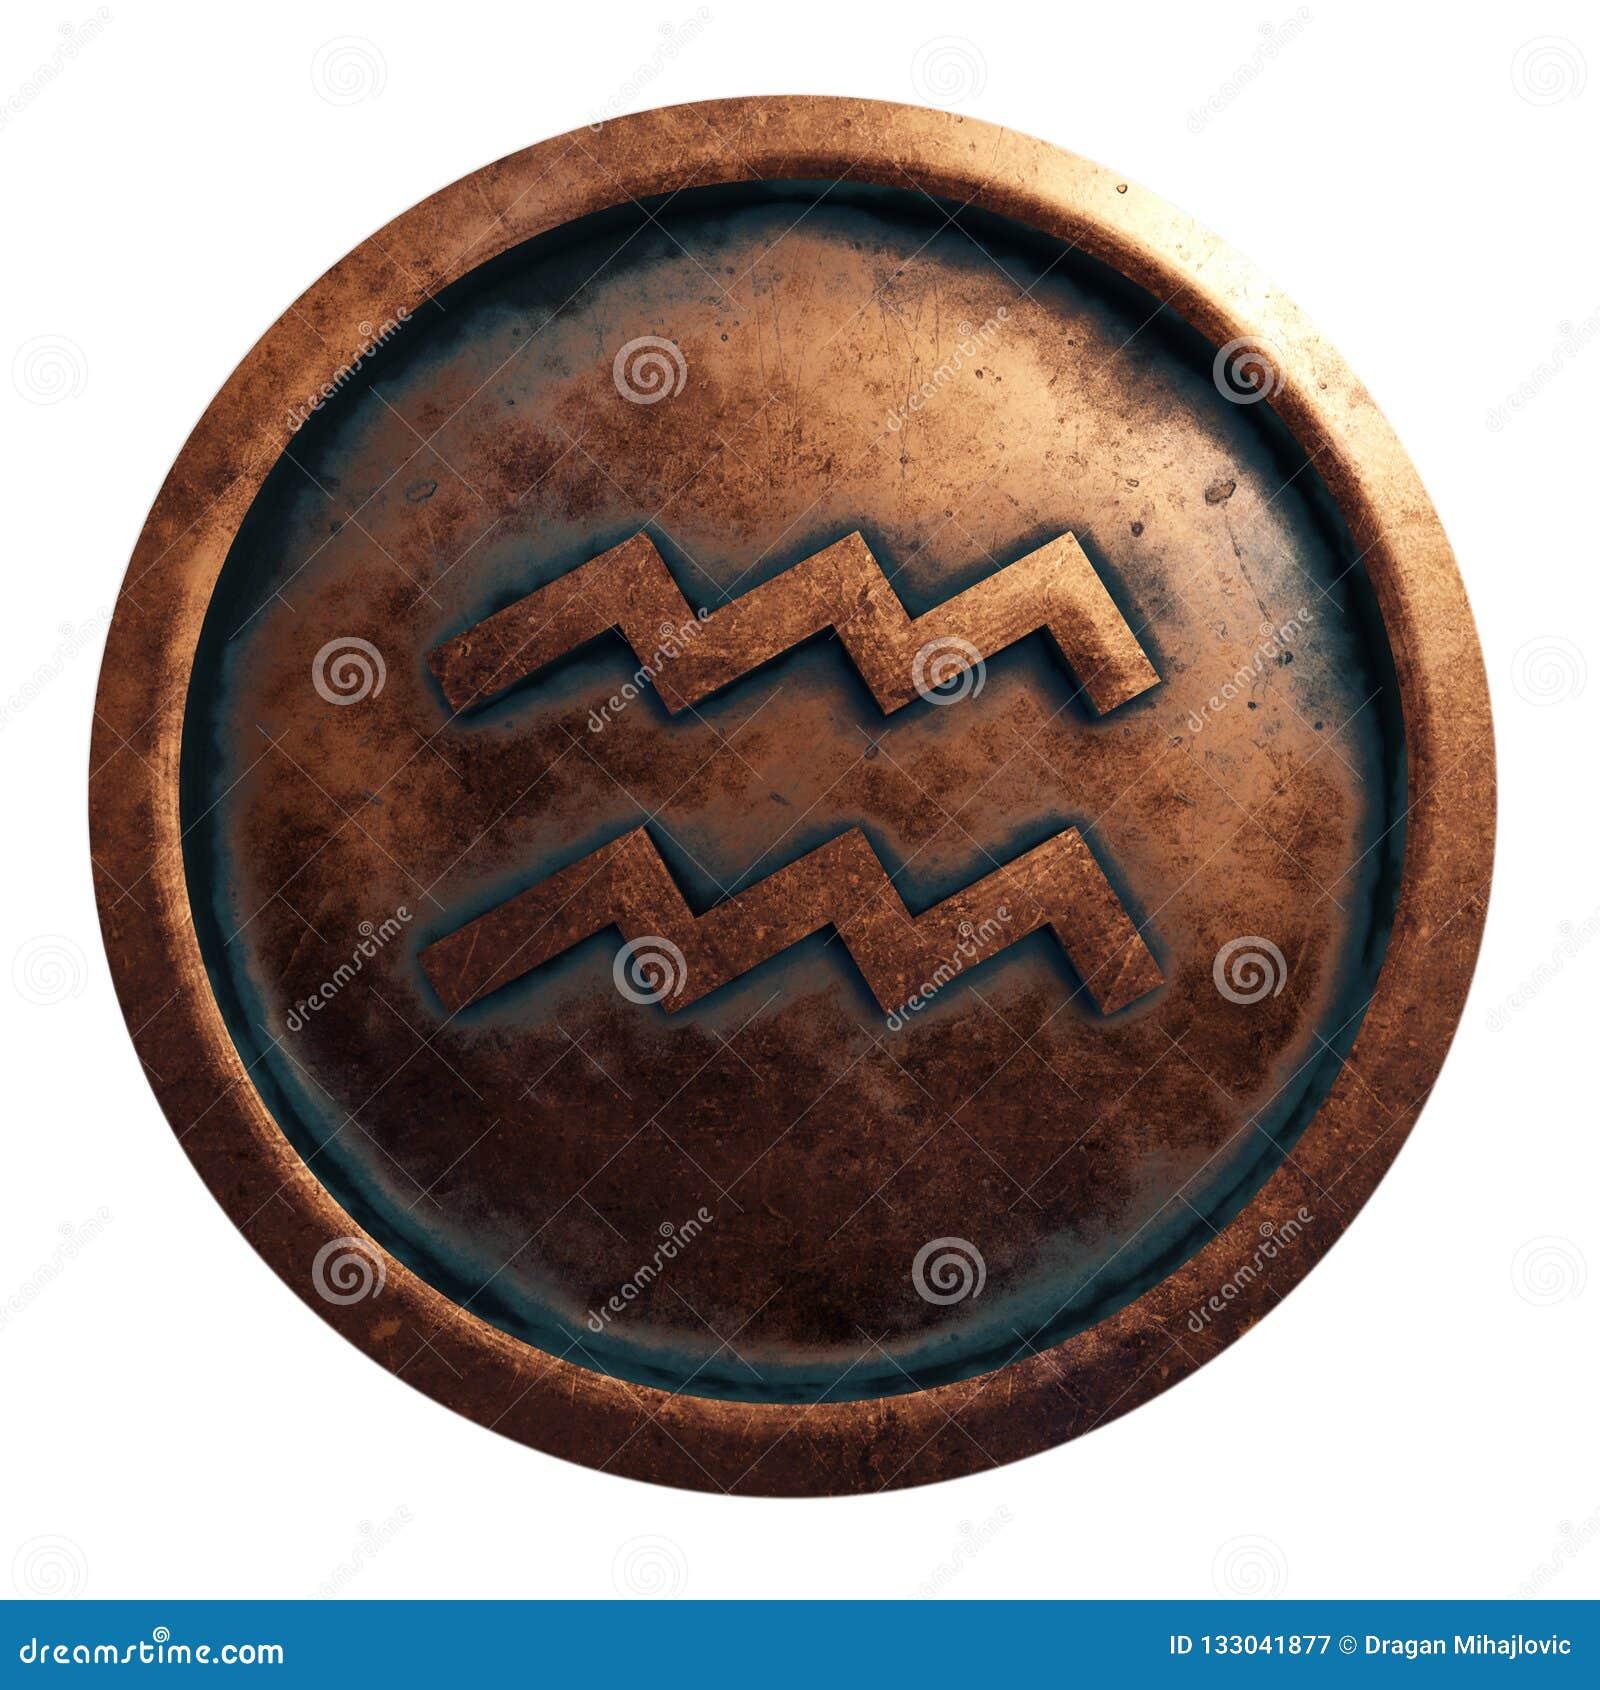 占星铜圈子的标志宝瓶星座